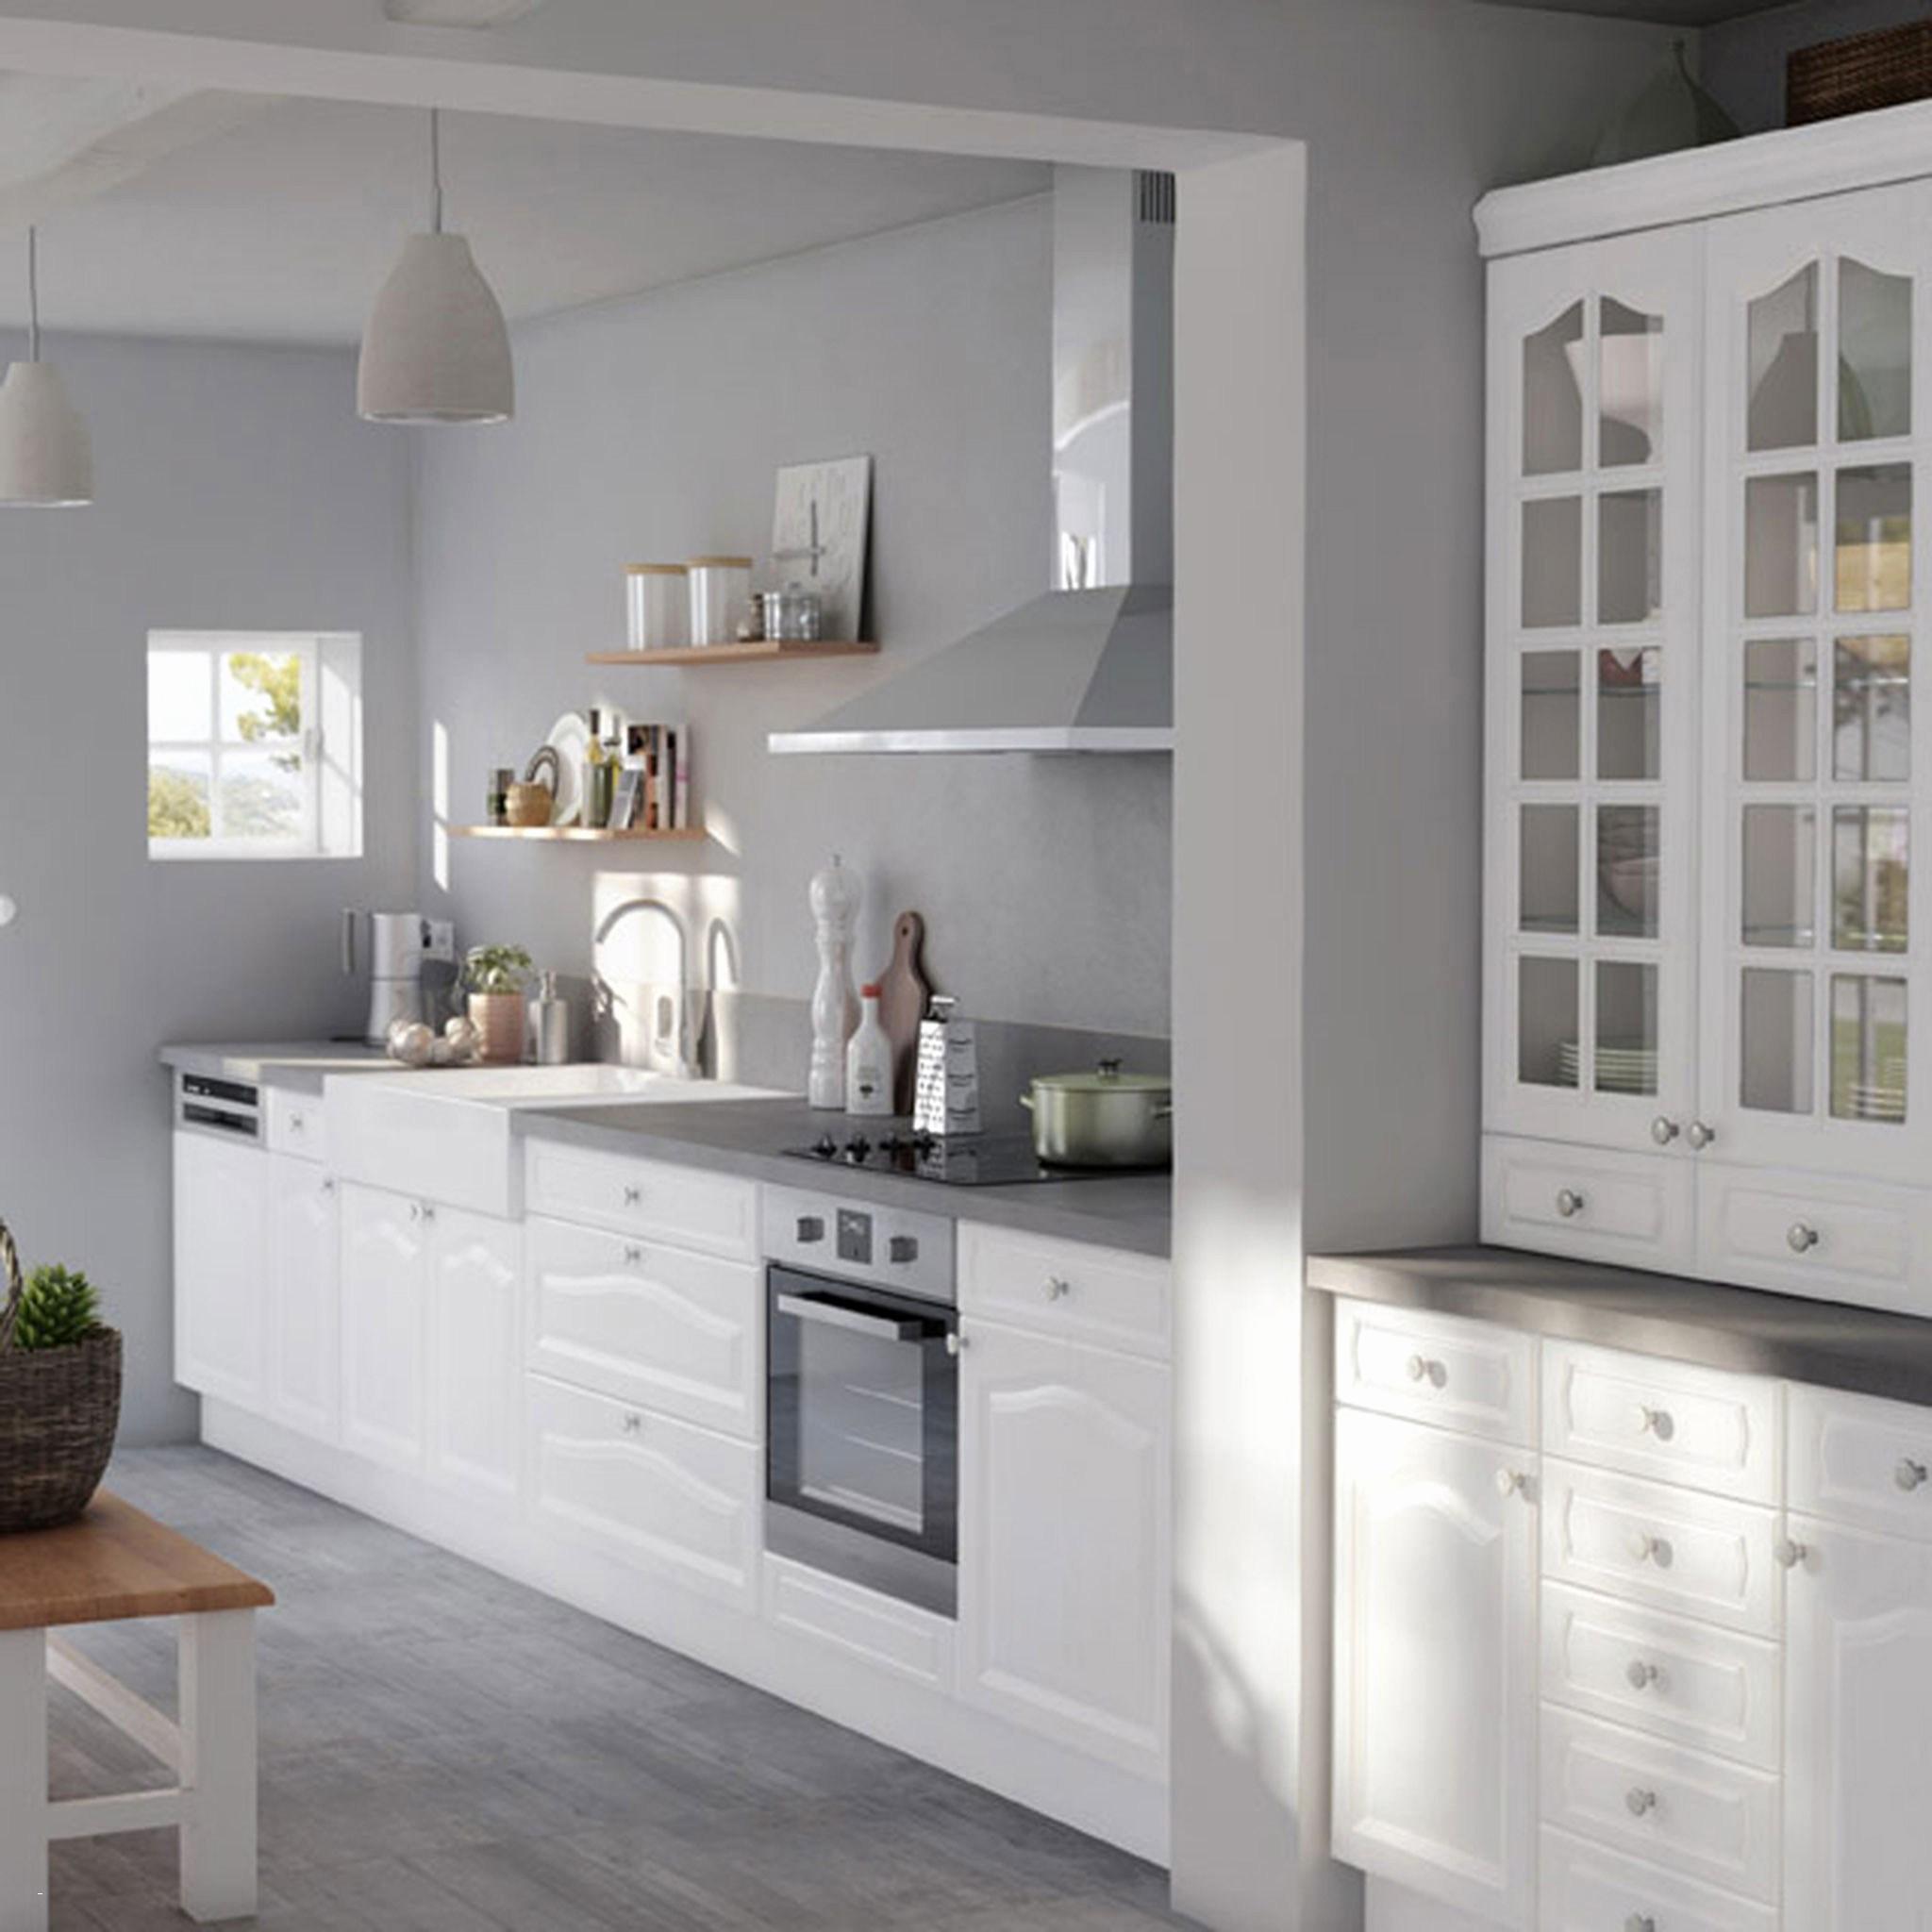 Devis Cuisine but Luxe Galerie 28 Inspirant Collection De Devis Cuisine but